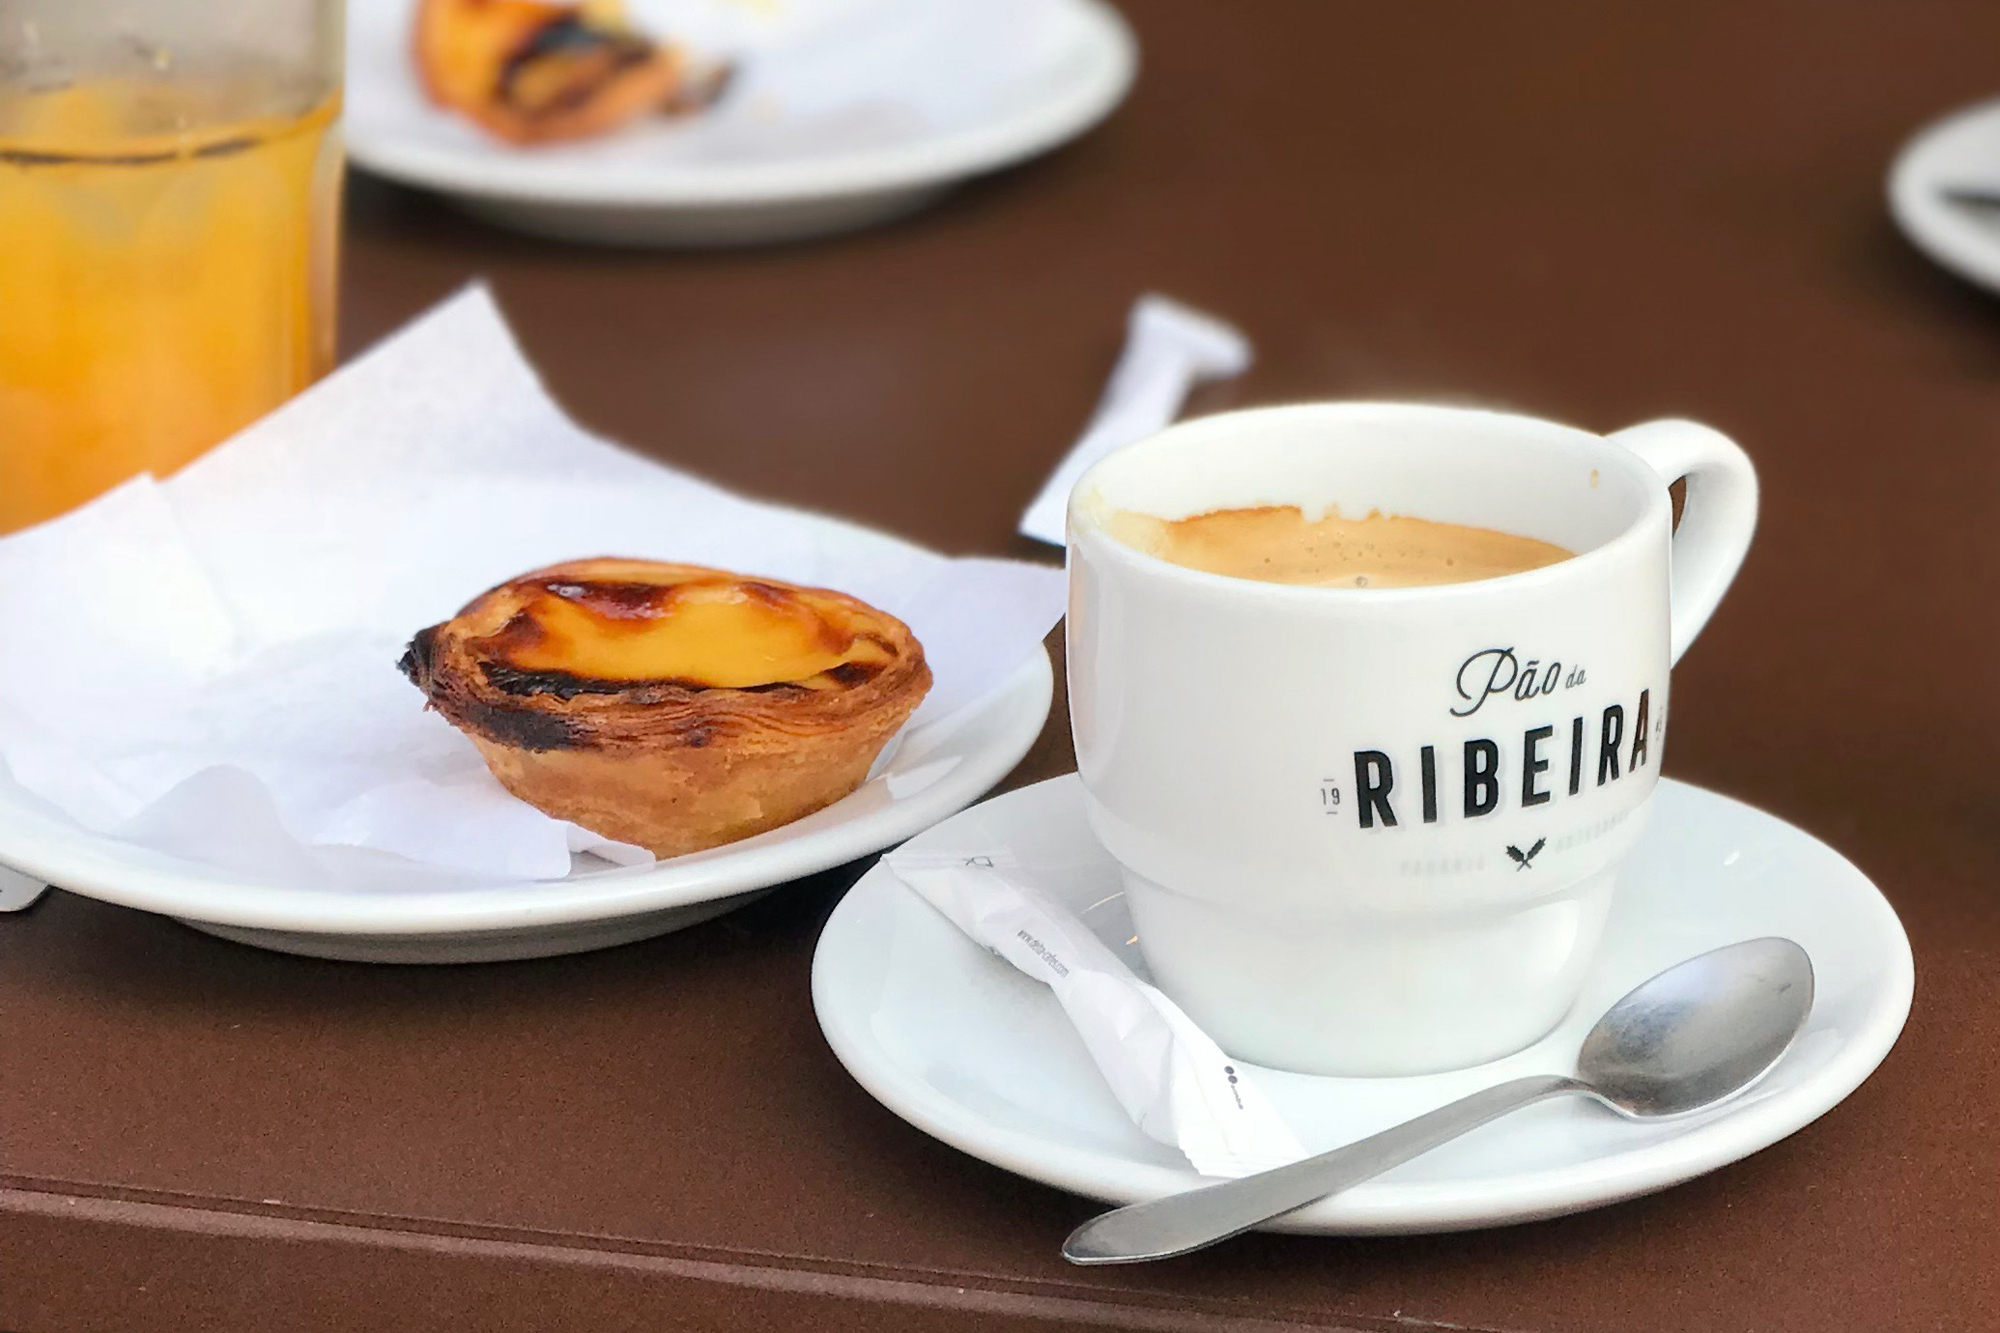 Pastel de nata at Pao de Ribiera